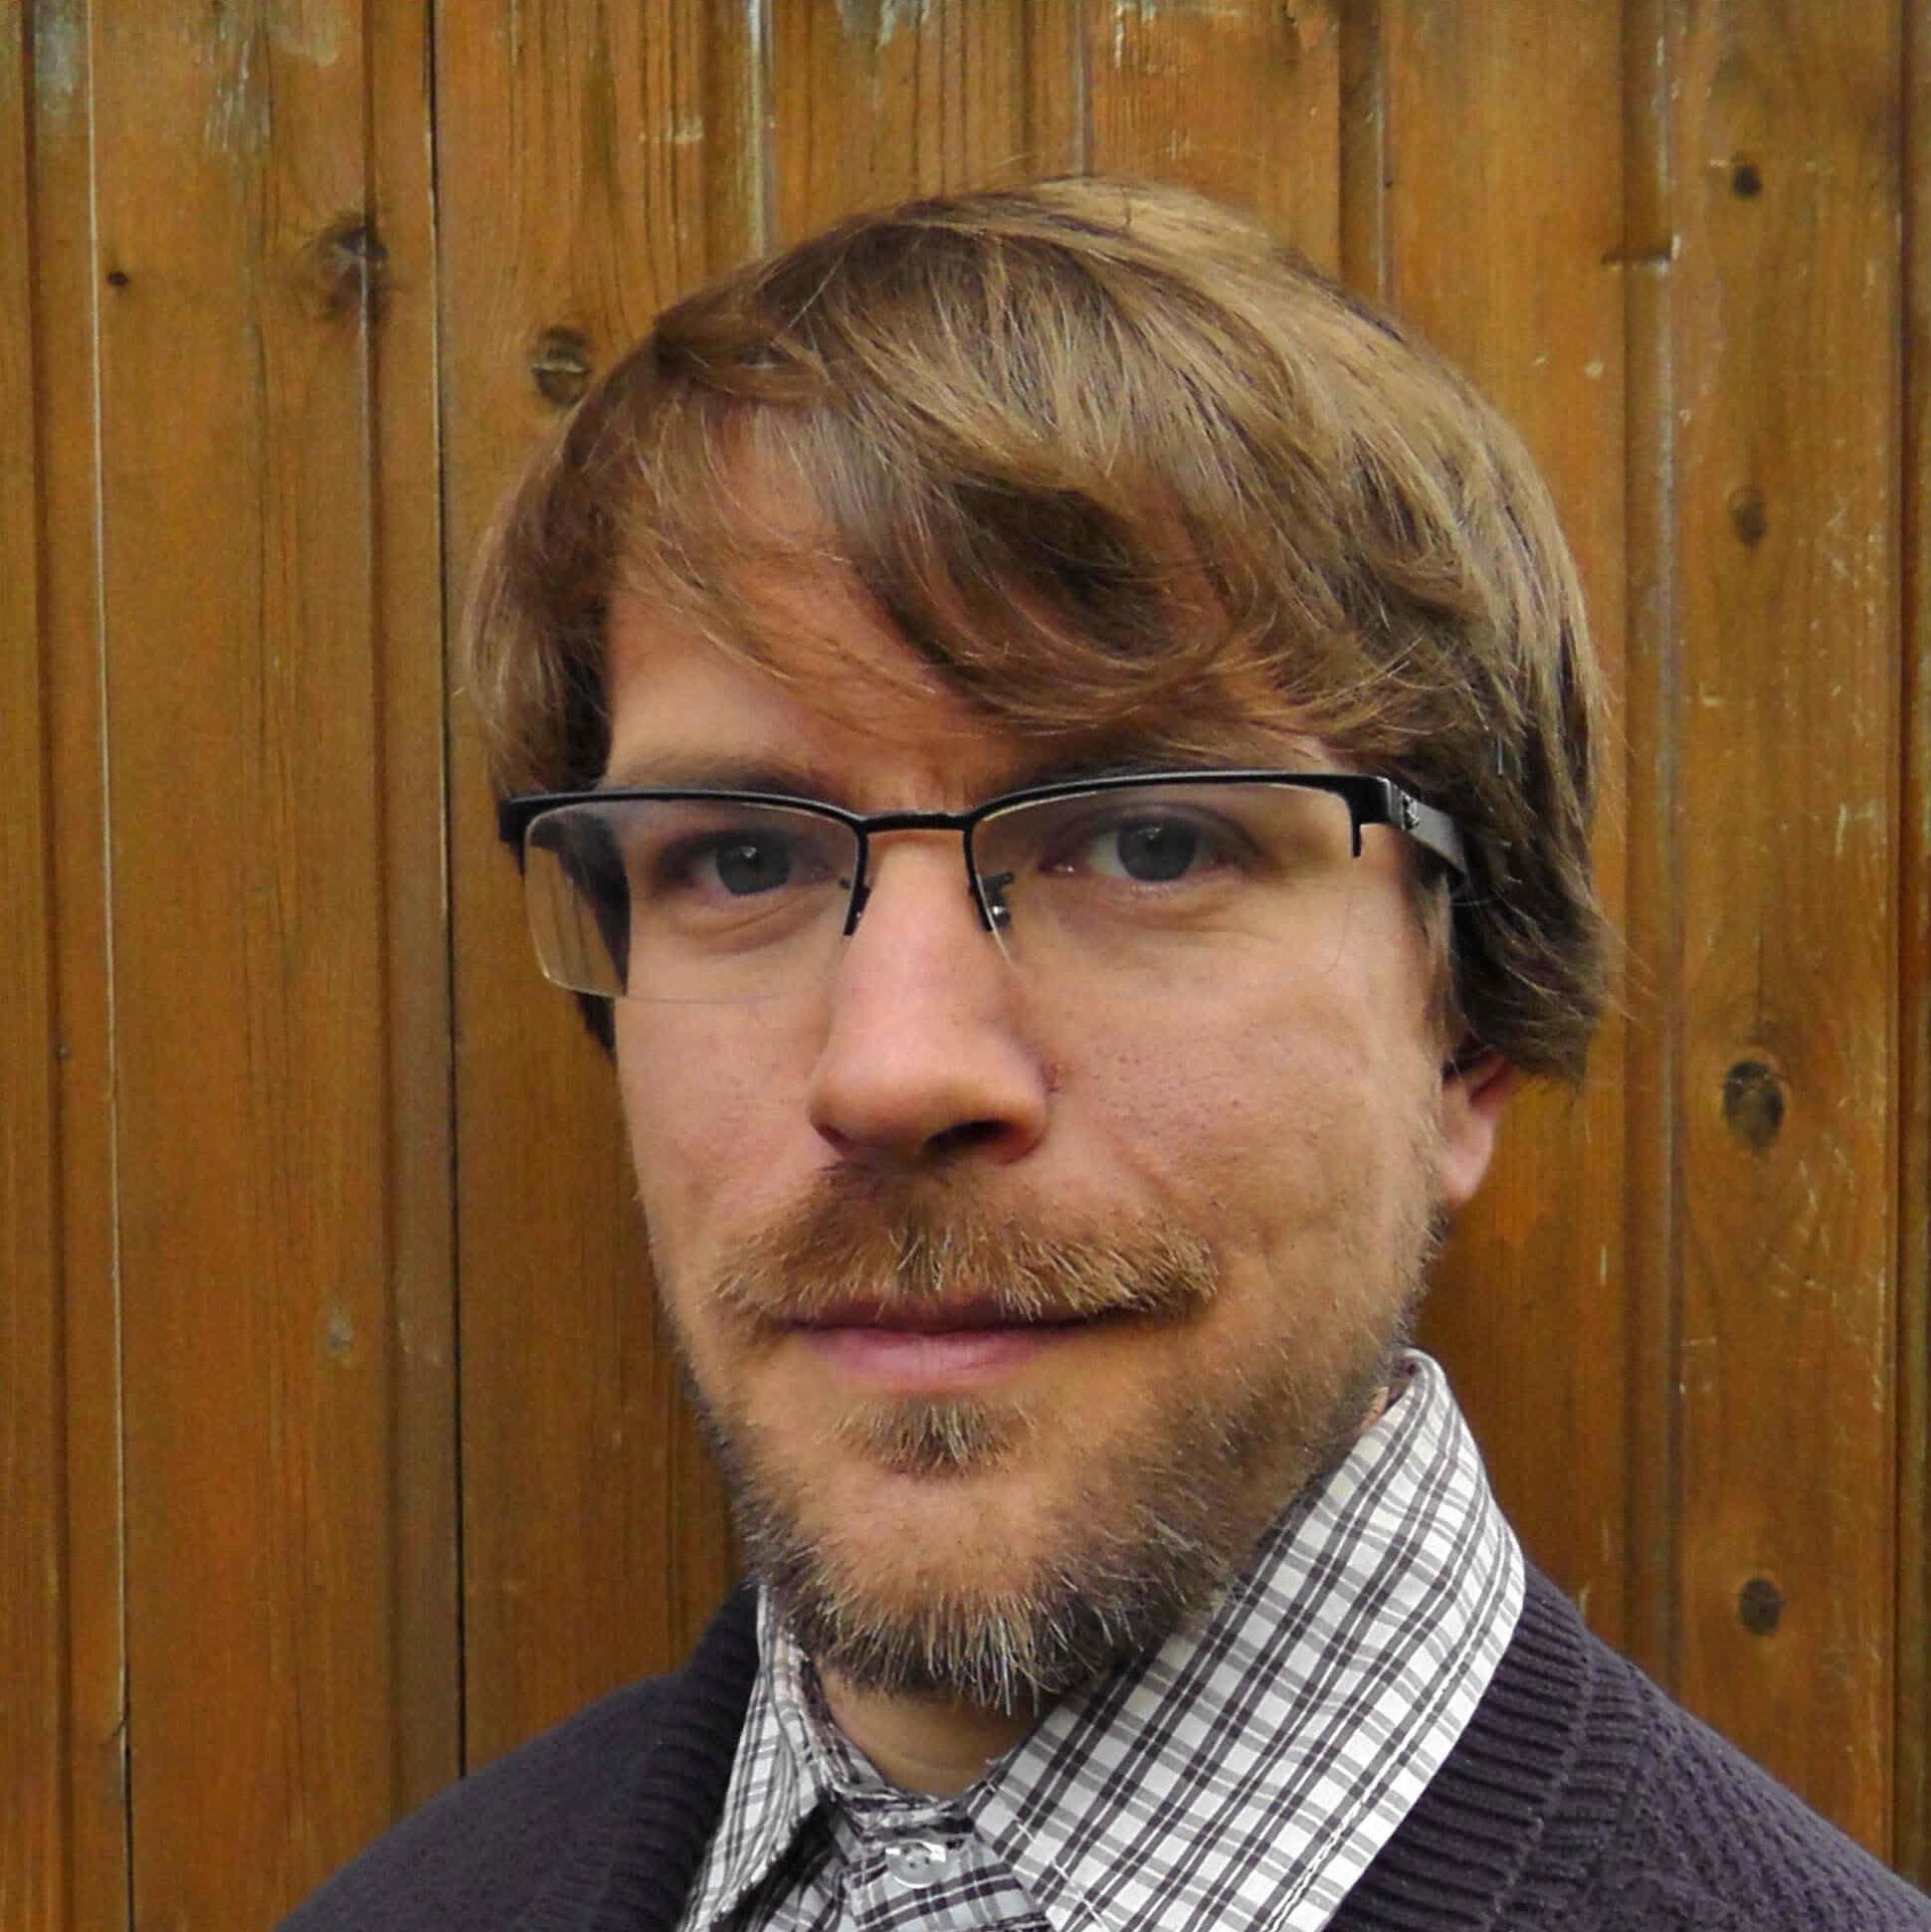 Lukas Rosenstock